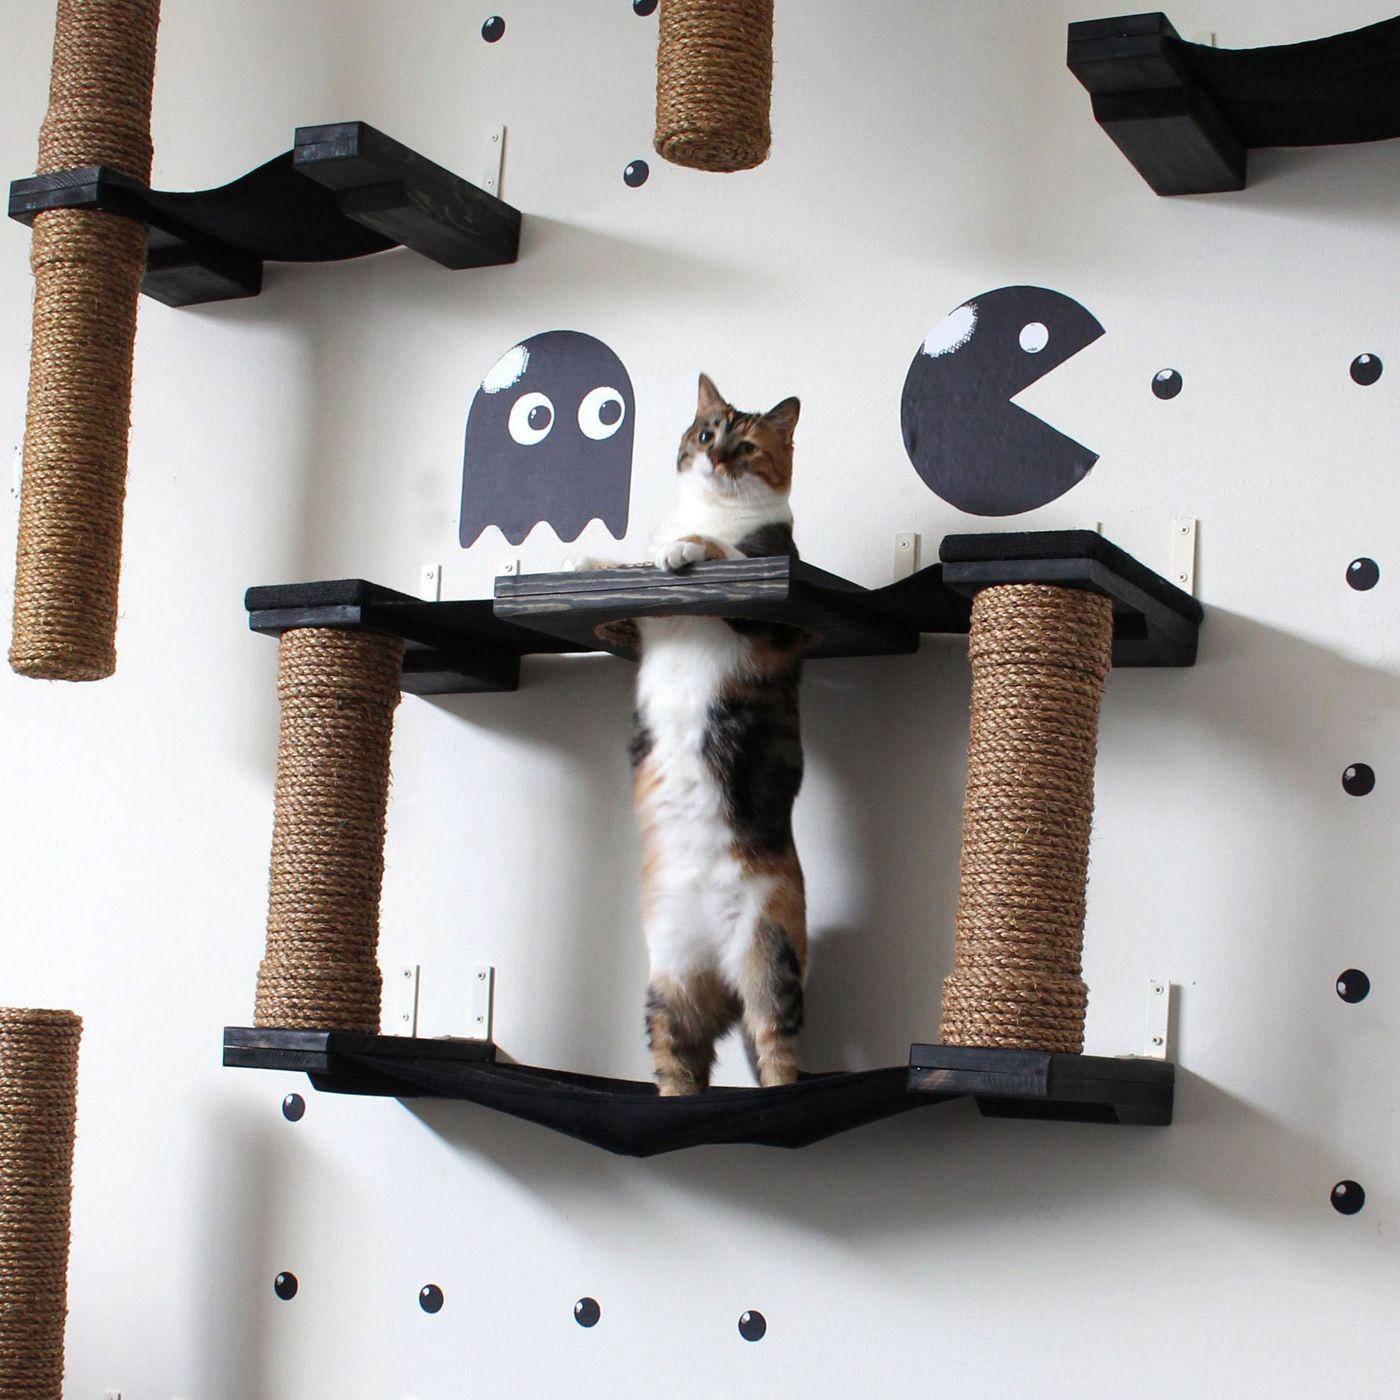 12 parcours g niaux pour votre chat acrobate nos amis. Black Bedroom Furniture Sets. Home Design Ideas